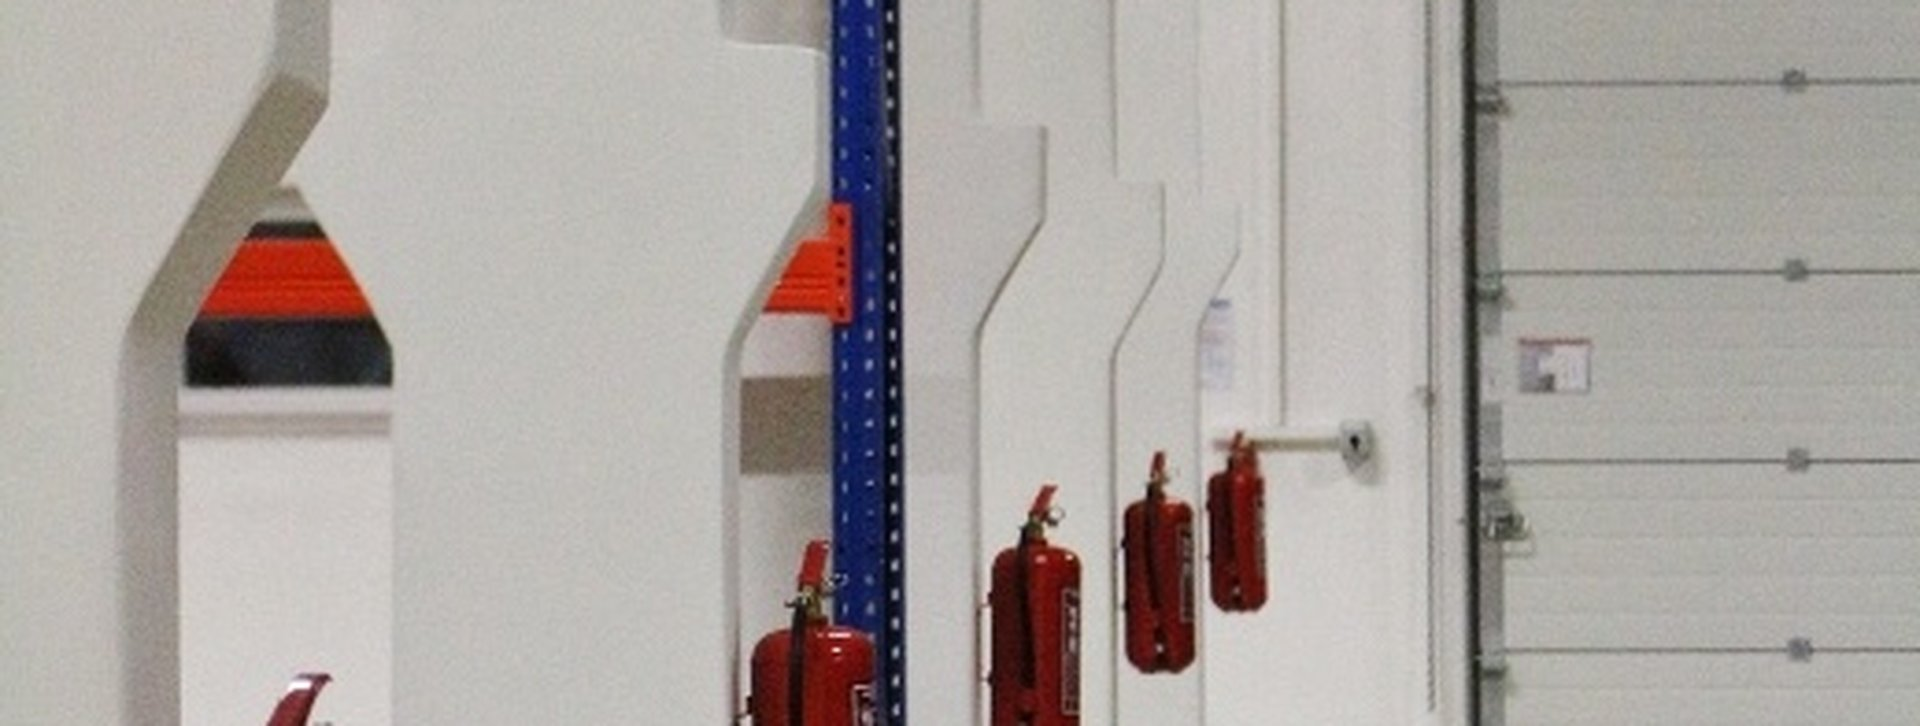 pronajem-skladovaci-plochy-a-haly-se-sluzbami-dopravy-a-spedice-4255